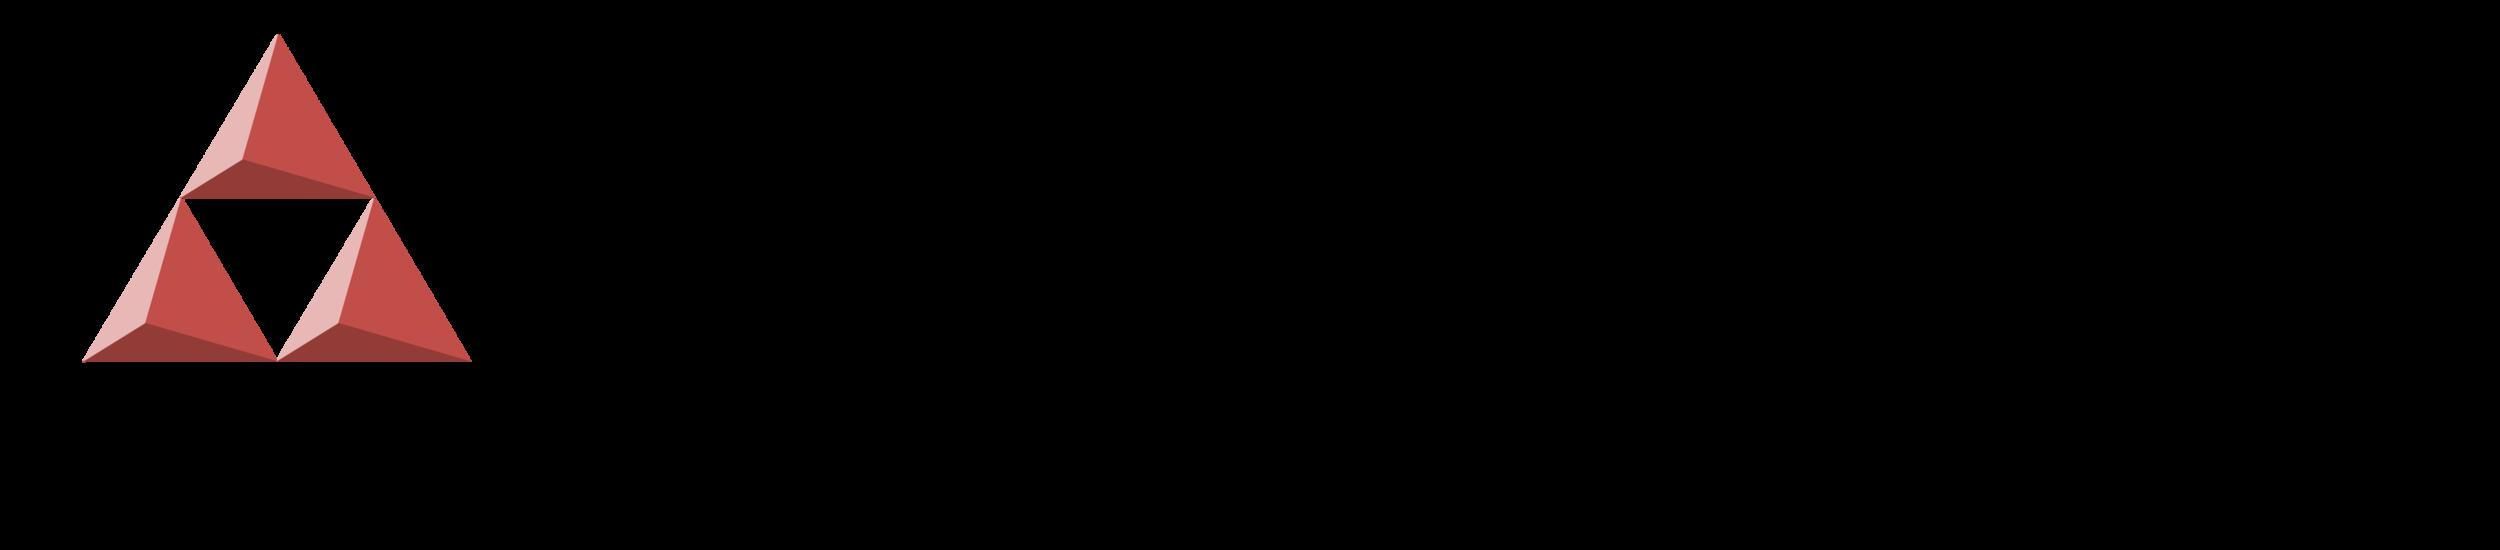 RFBF_logo_High_Res.png